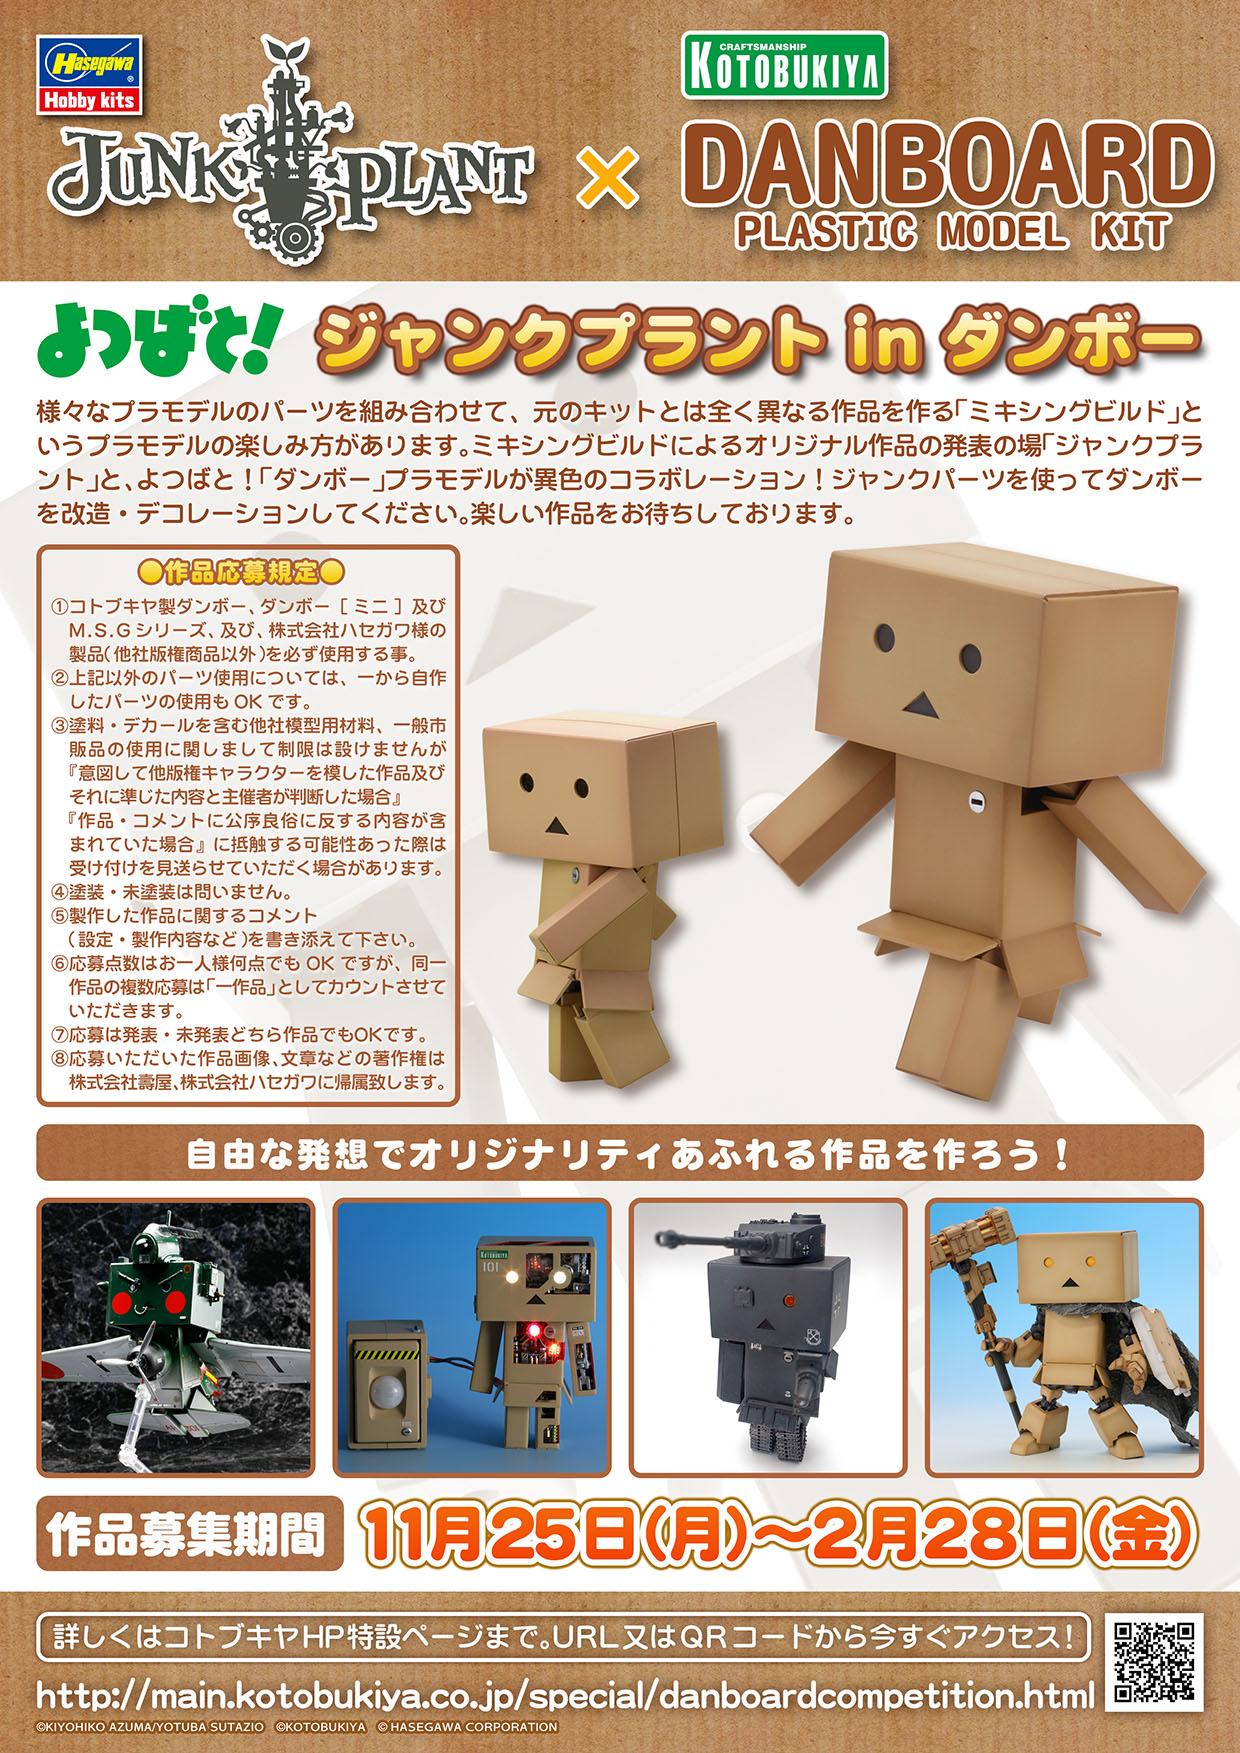 WEBサイト「ハセガワ ジャンクプラント 」× 「コトブキヤ ダンボープラモデル」 が異色のコラボレーション!!プラモデルコンテスト開催のお知らせ